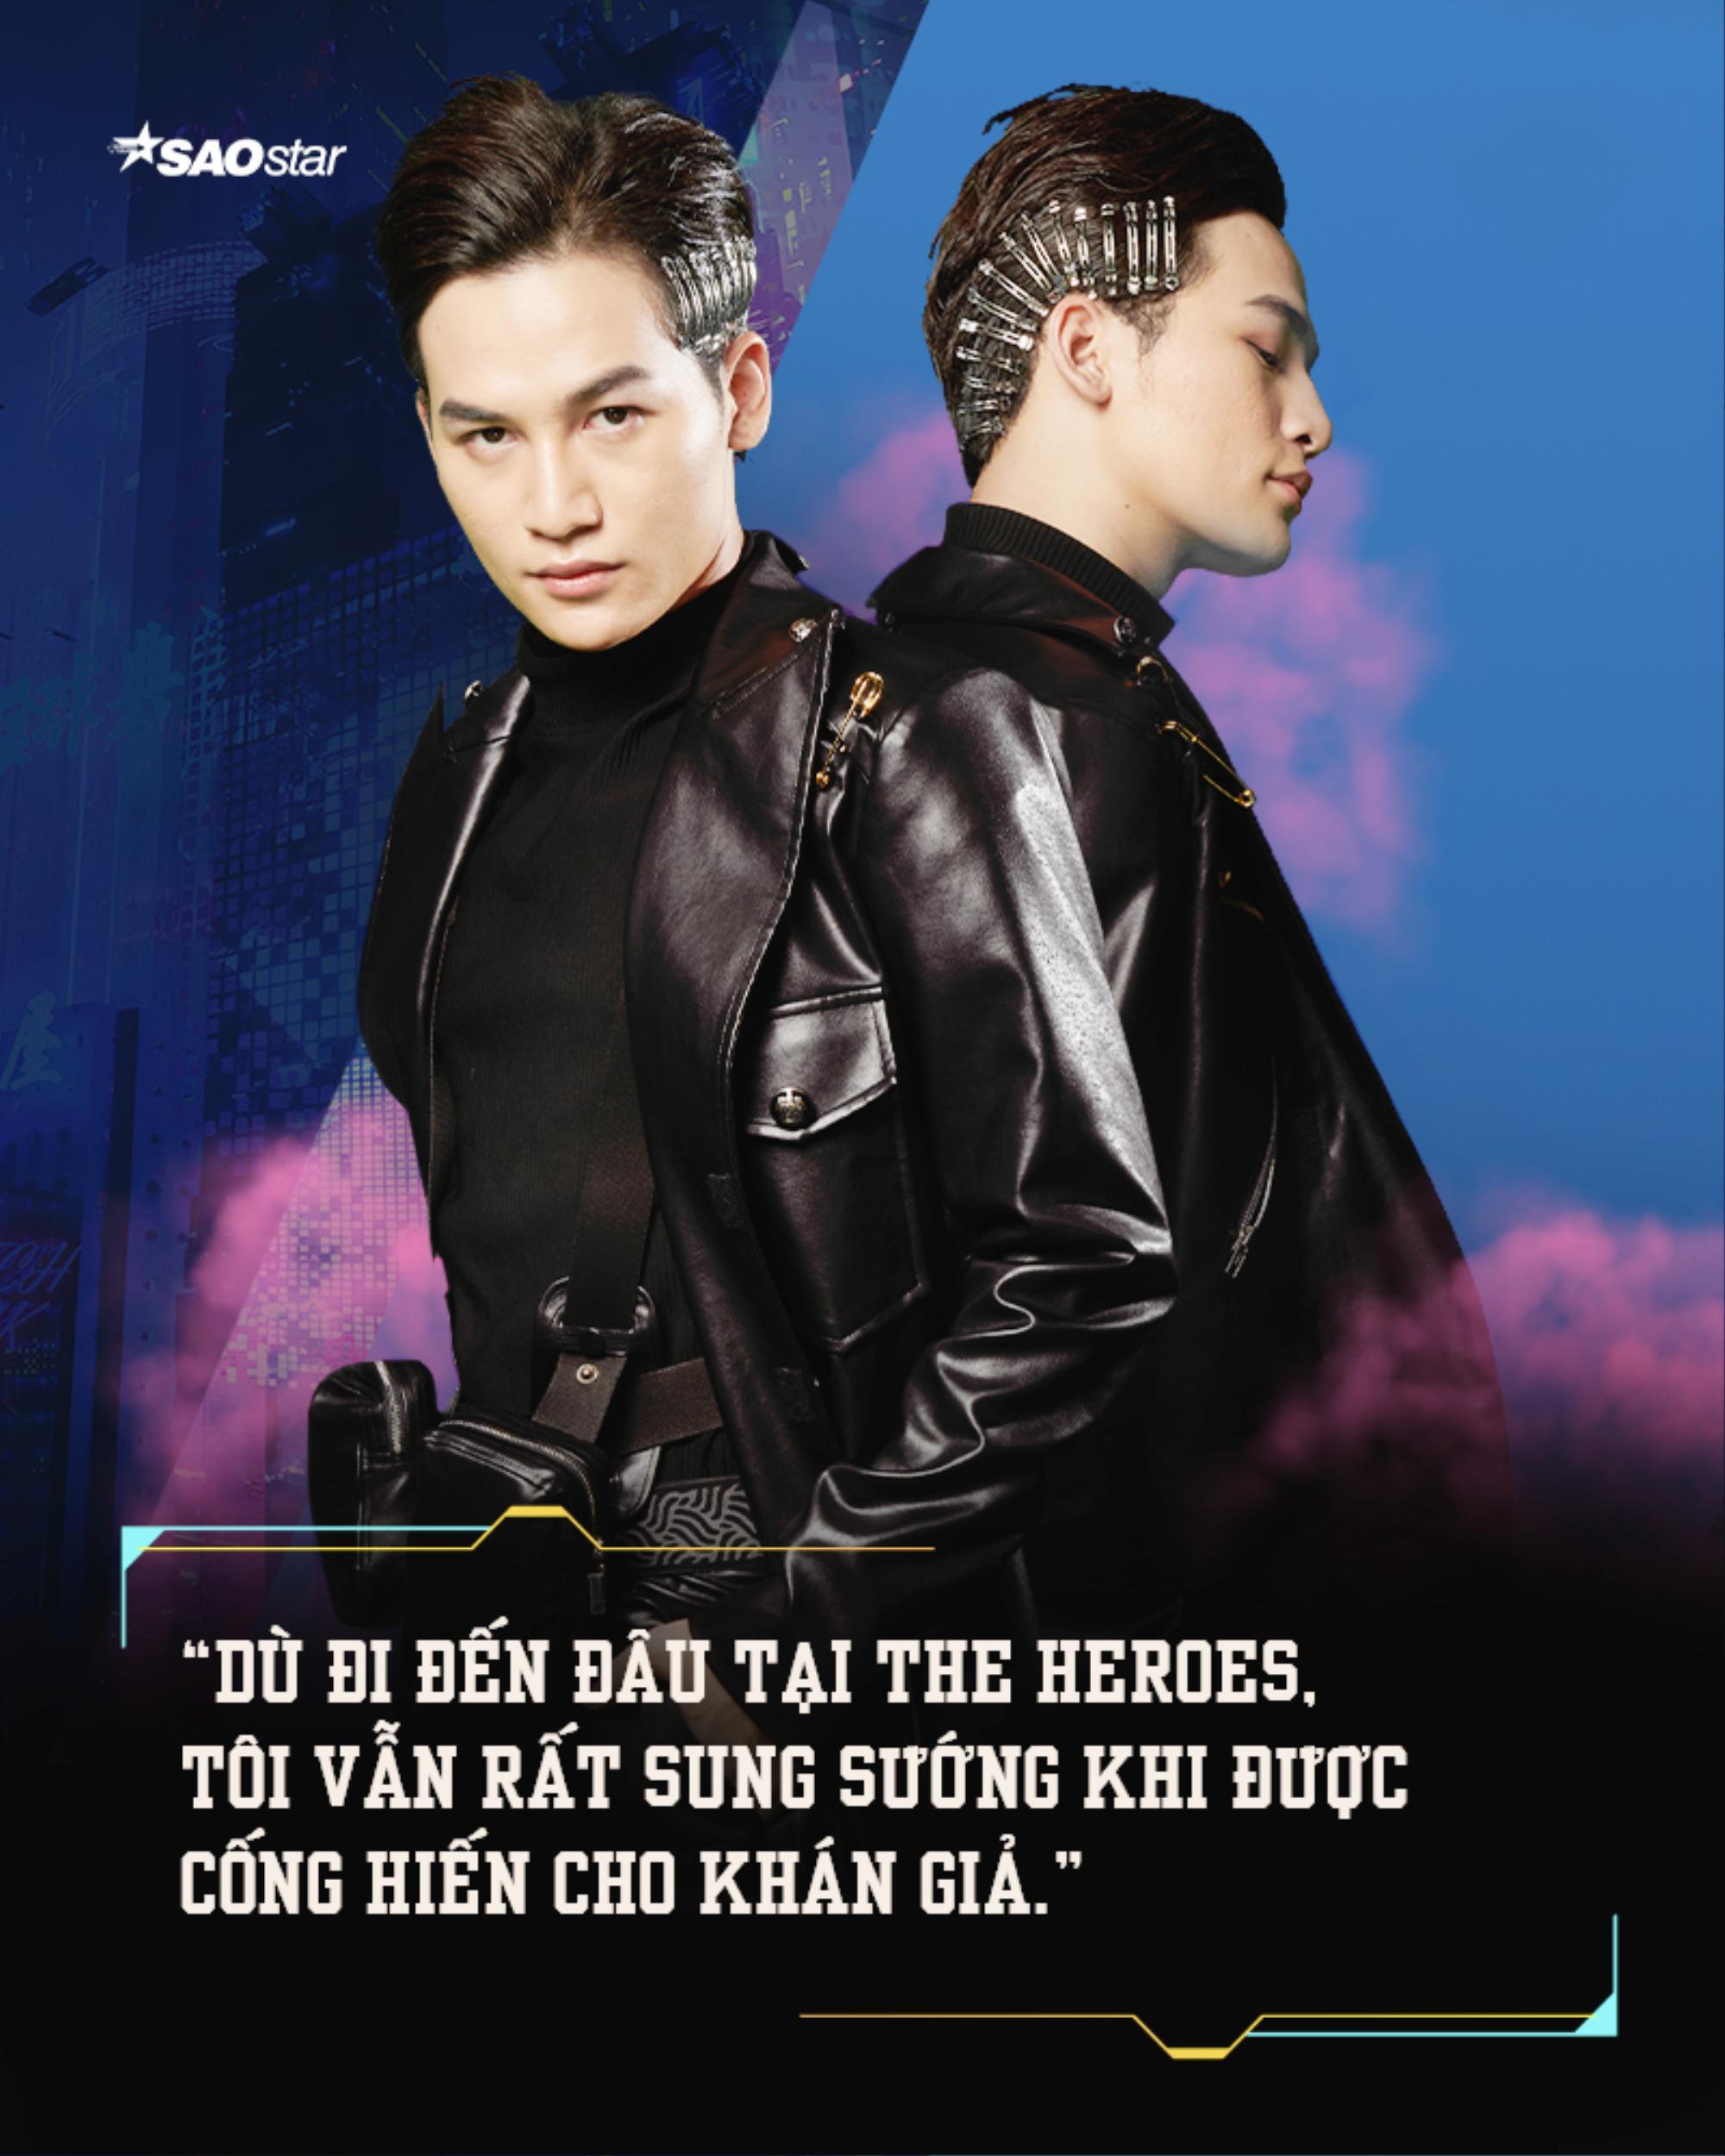 'Chiến binh' Ali Hoàng Dương: 'Thành công tại The Heroes là 'thời của tôi' đã đến' Ảnh 3